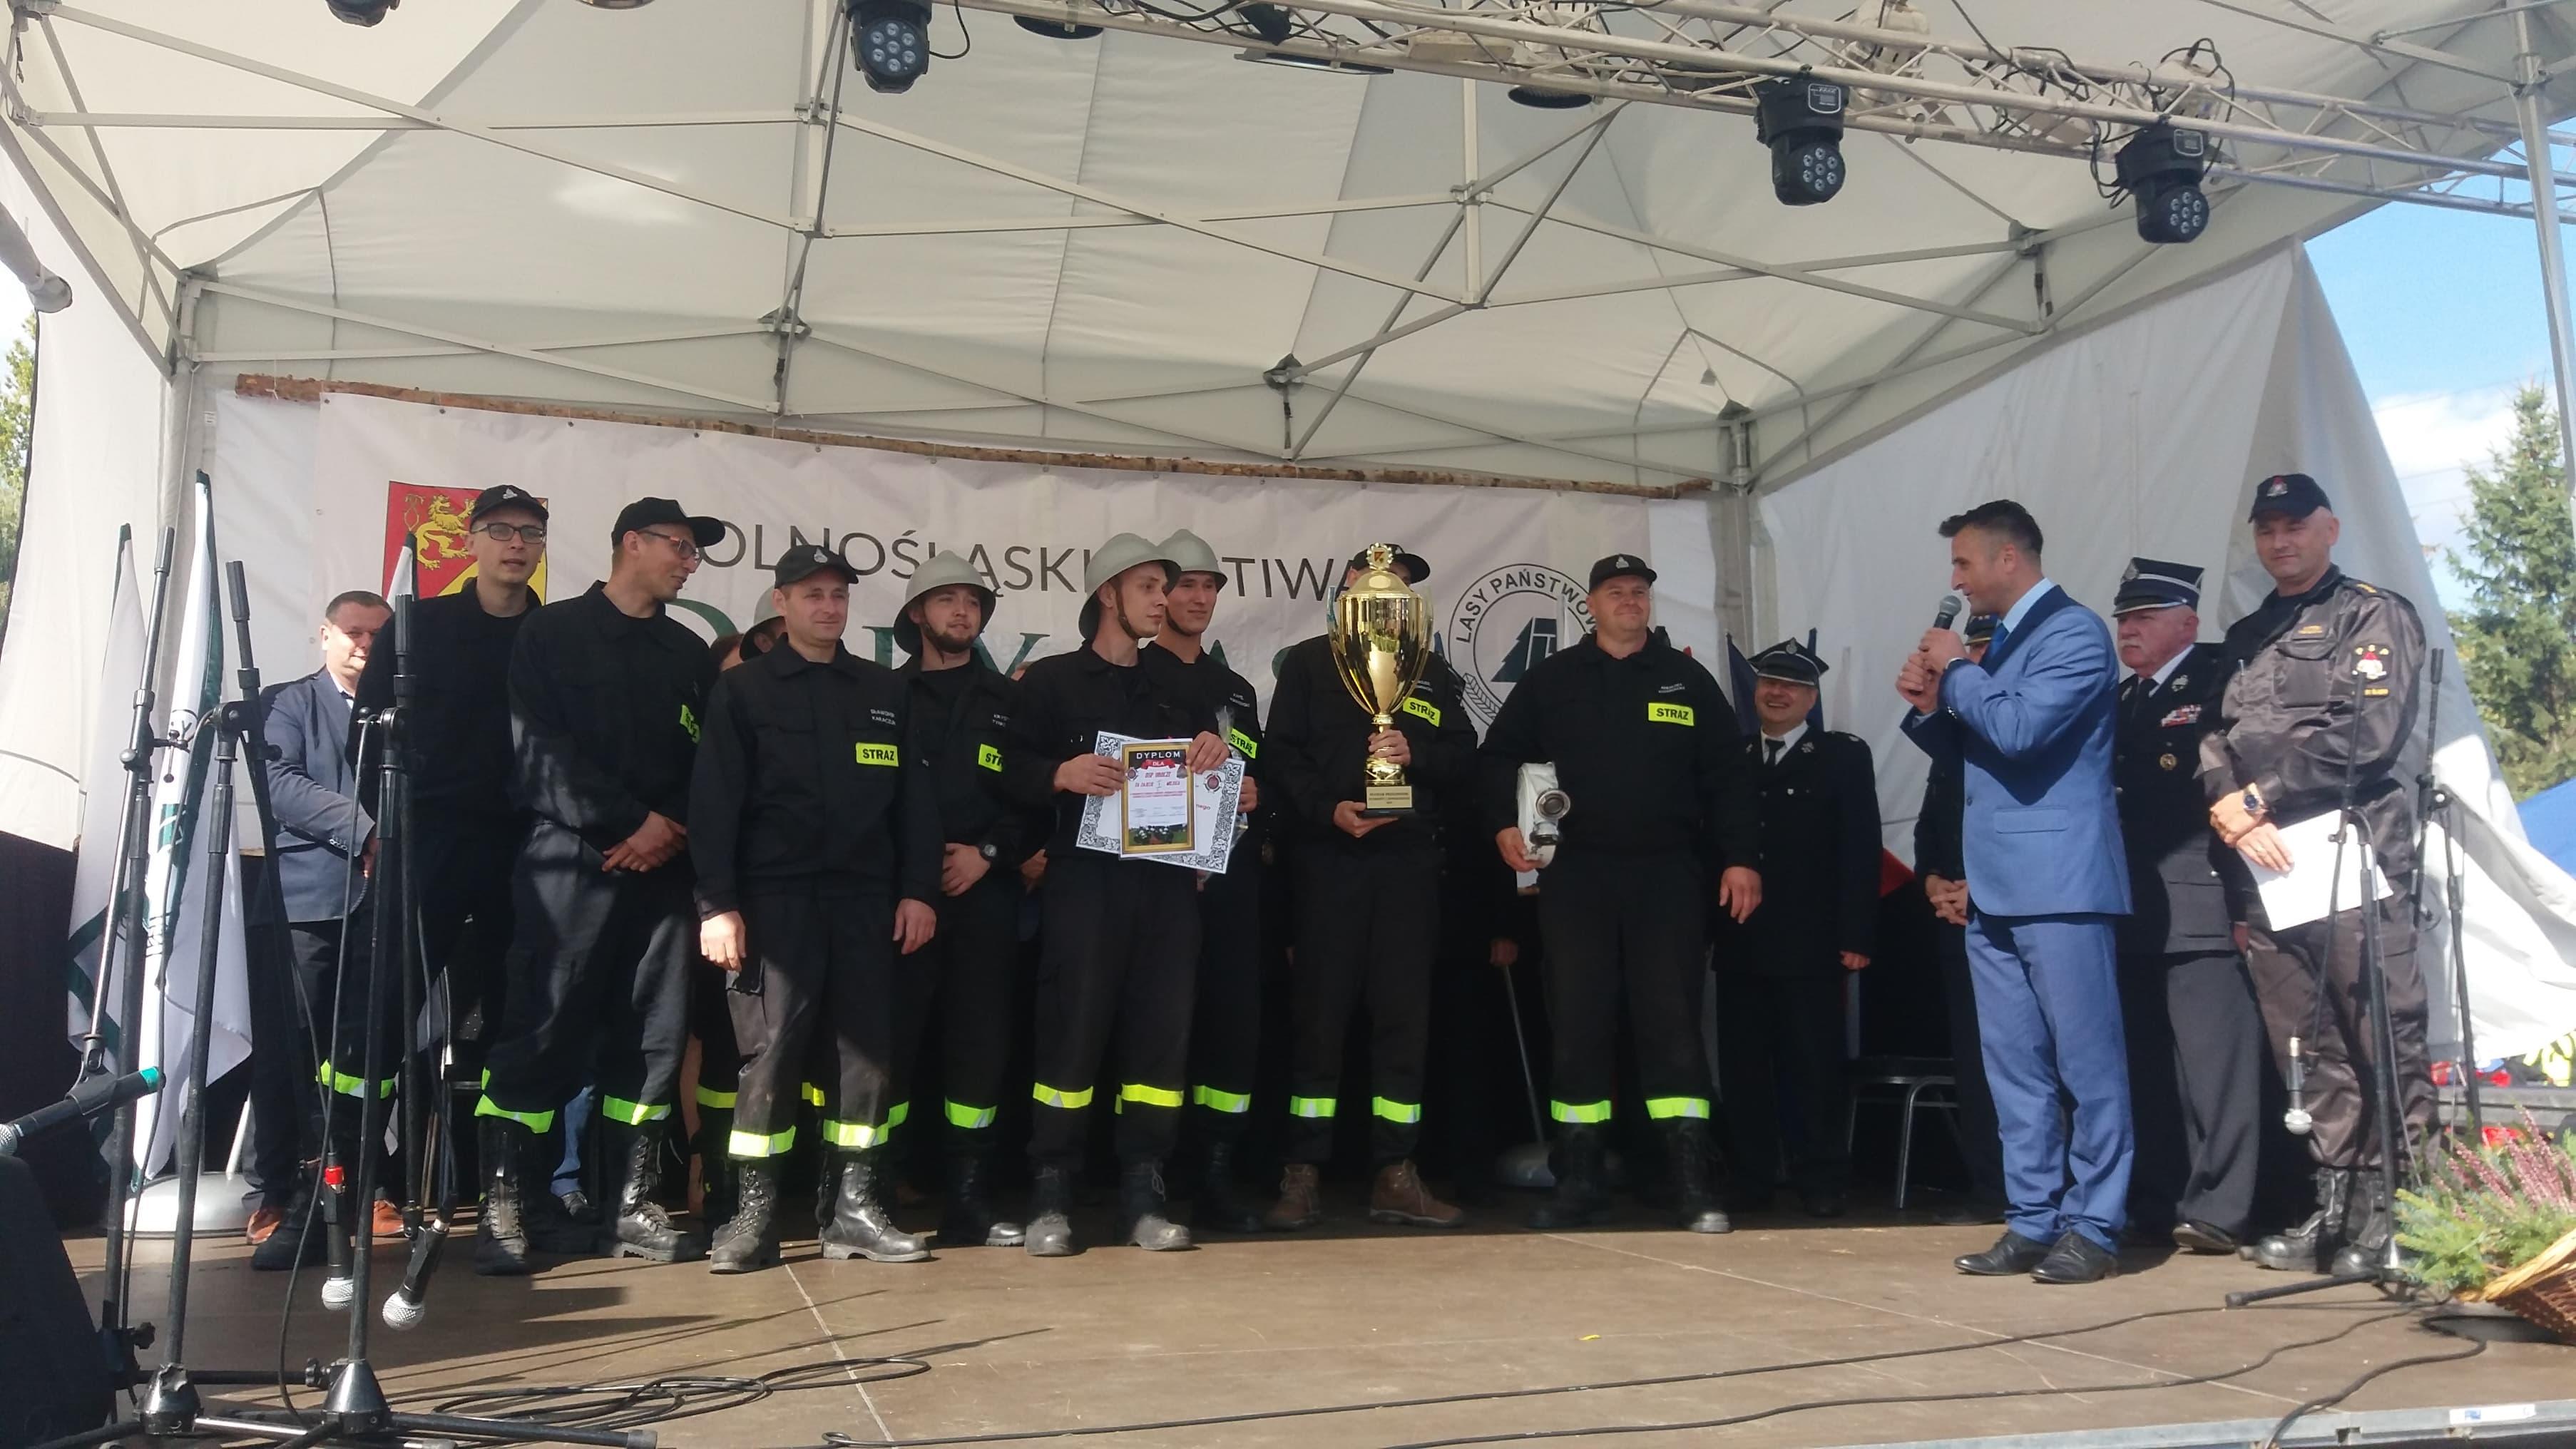 Strażacy z Ubocza zwycięzcami Powiatowych Zawodów Sportowo- Pożarniczych OSP.